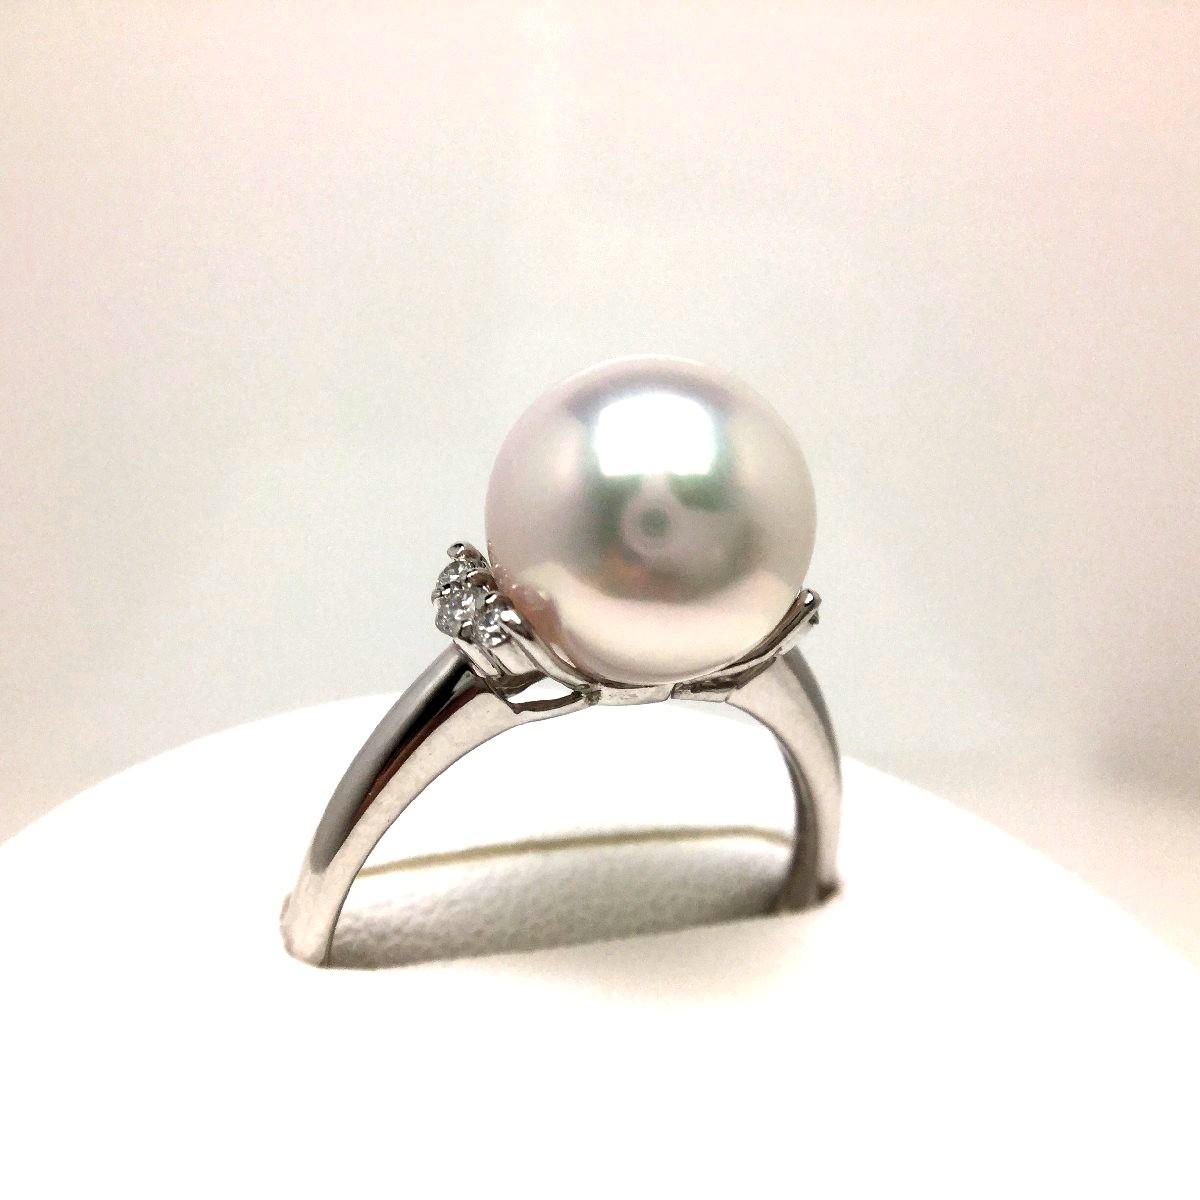 【10%OFF】真珠 リング パール オーロラ・花珠 アコヤ真珠 9.3mm ホワイトピンク Pt900 プラチナ ダイヤモンド 0.10ct 66965 イソワパール